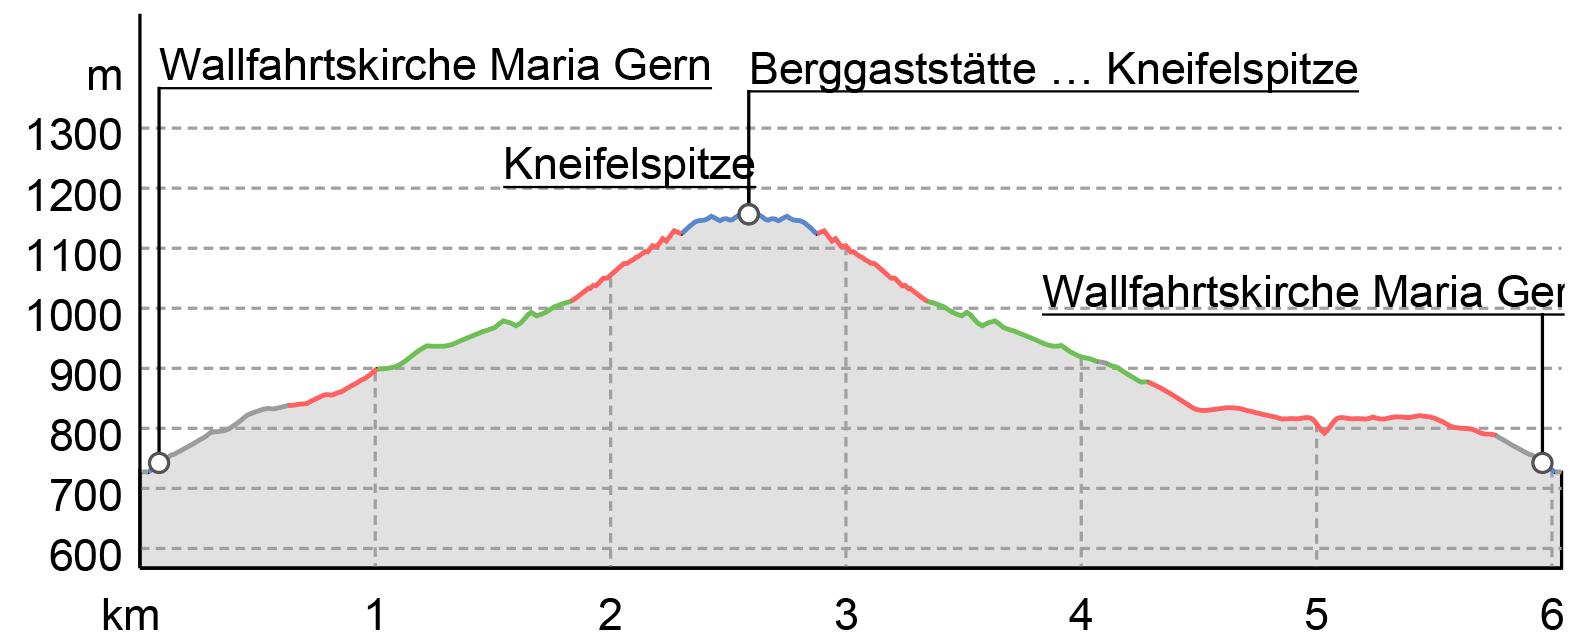 Höhenprofil: Wanderung auf die Kneifelspitze